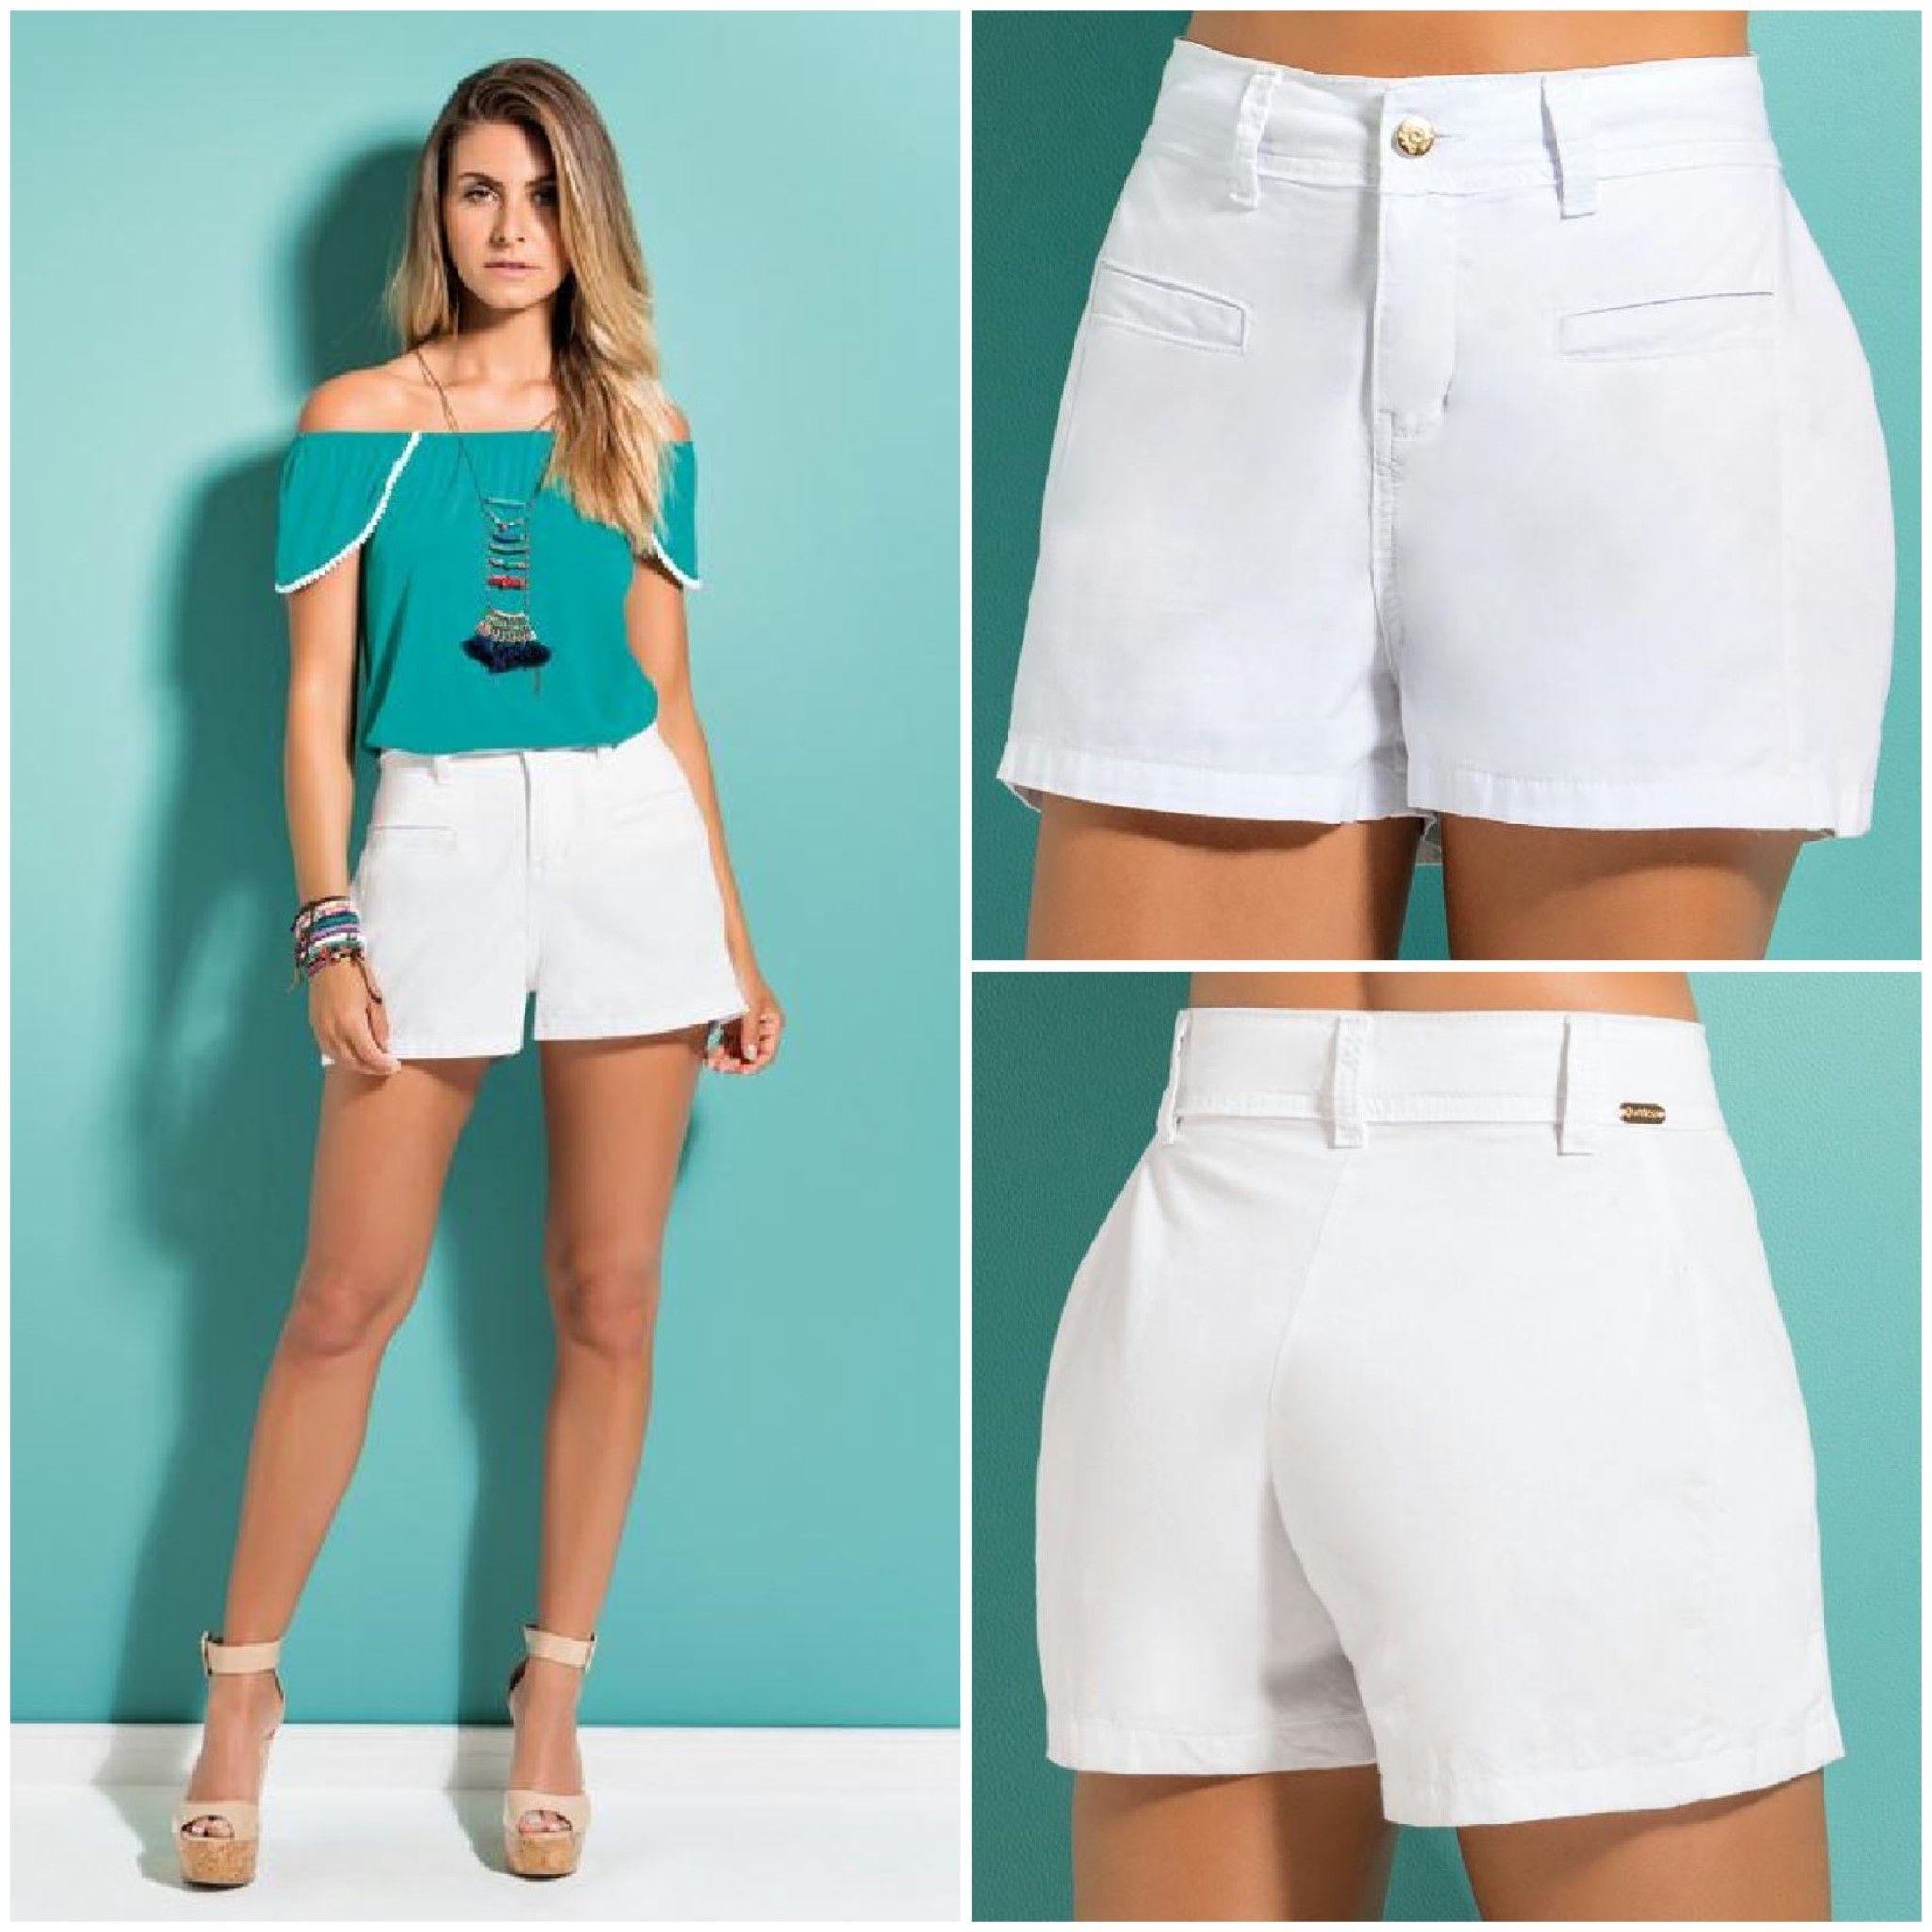 Modelos Short De Vestir Roupas Short Social Feminino E